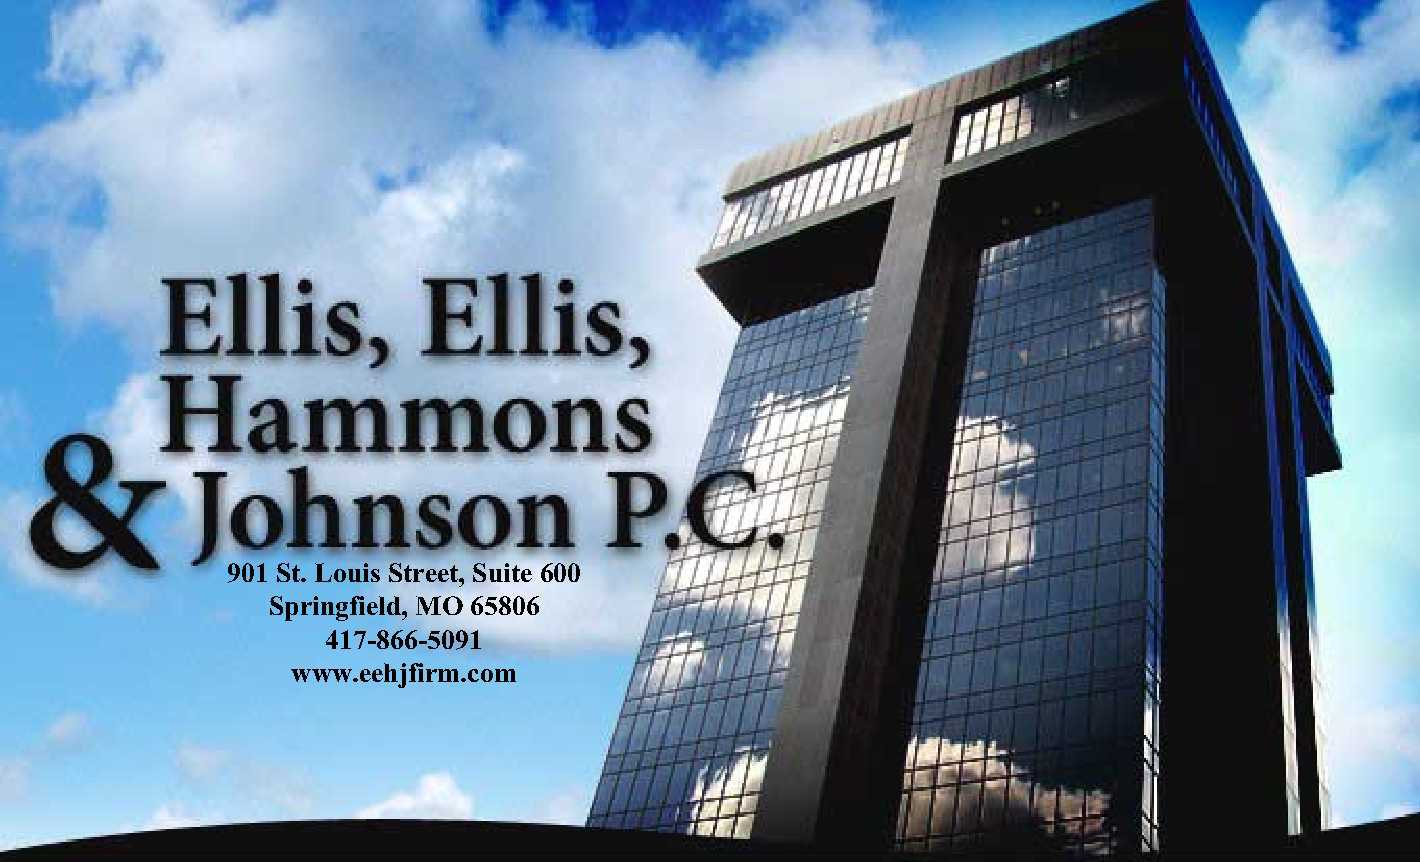 Ellis, Ellis, Hammons & Johnson